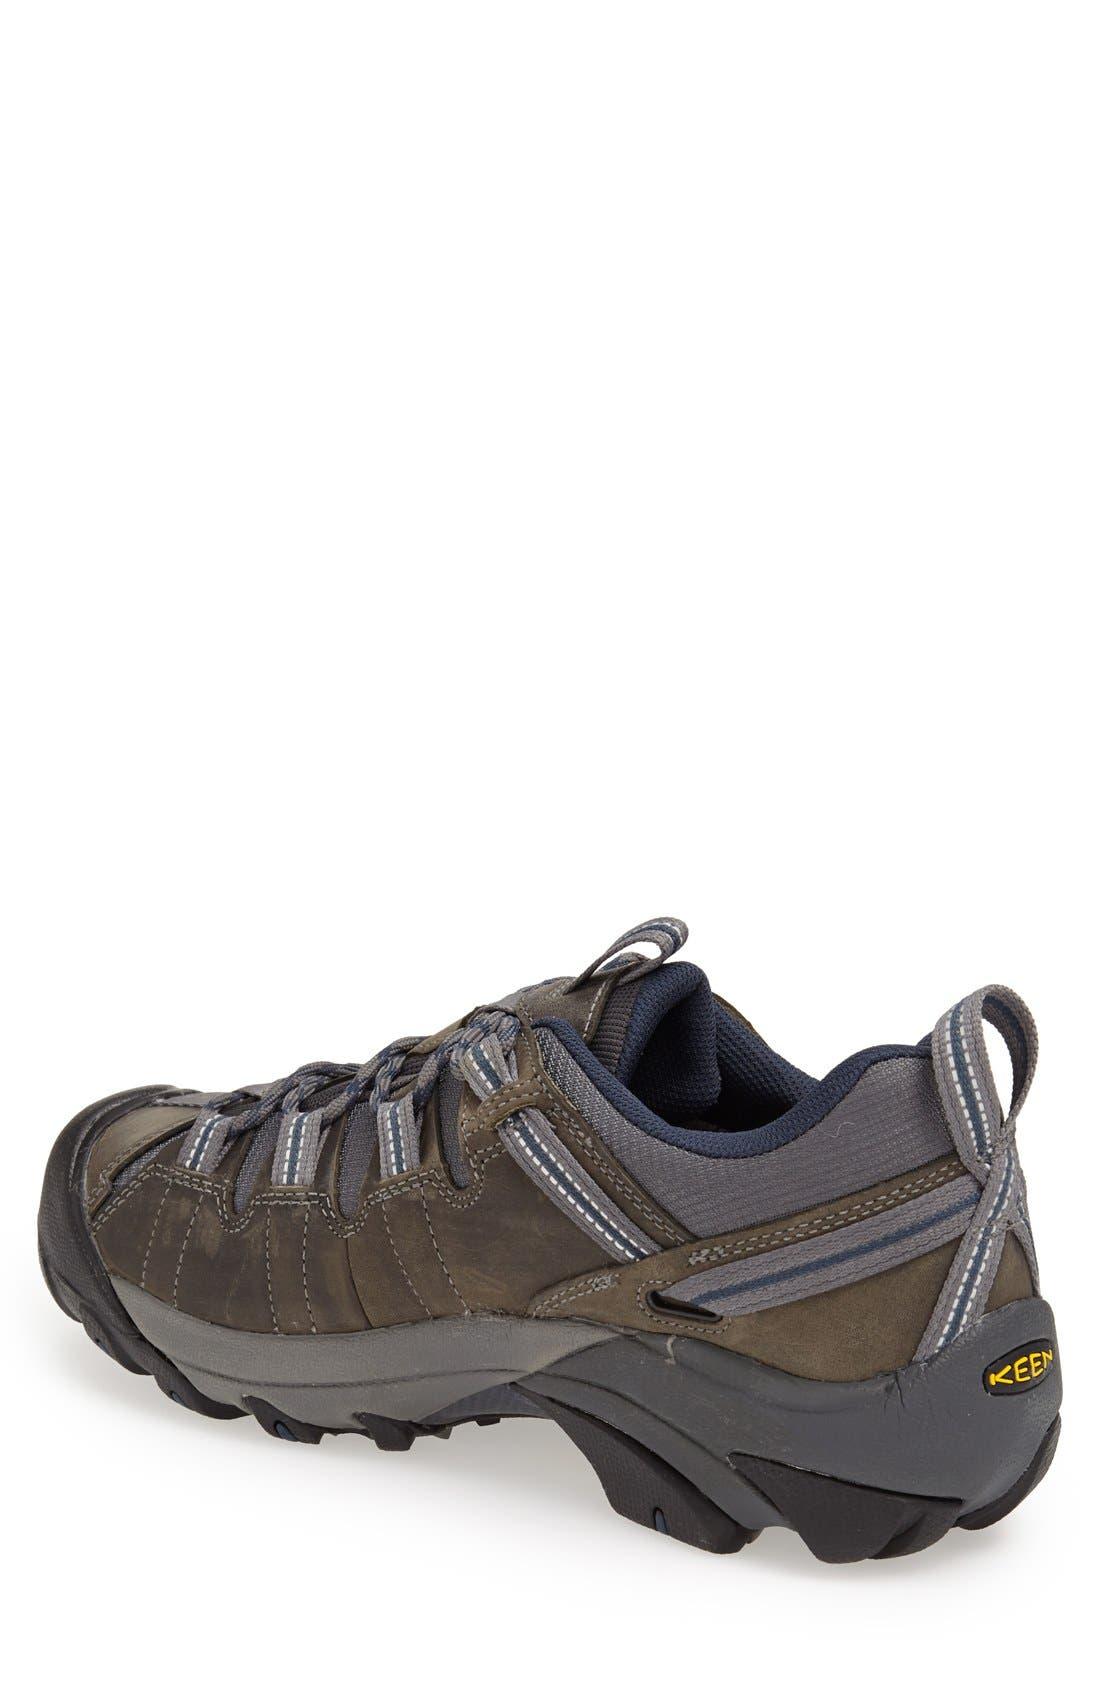 KEEN, 'Targhee II' Waterproof Hiking Shoe, Alternate thumbnail 4, color, GARGOLYE/ MIDNGHT NAVY